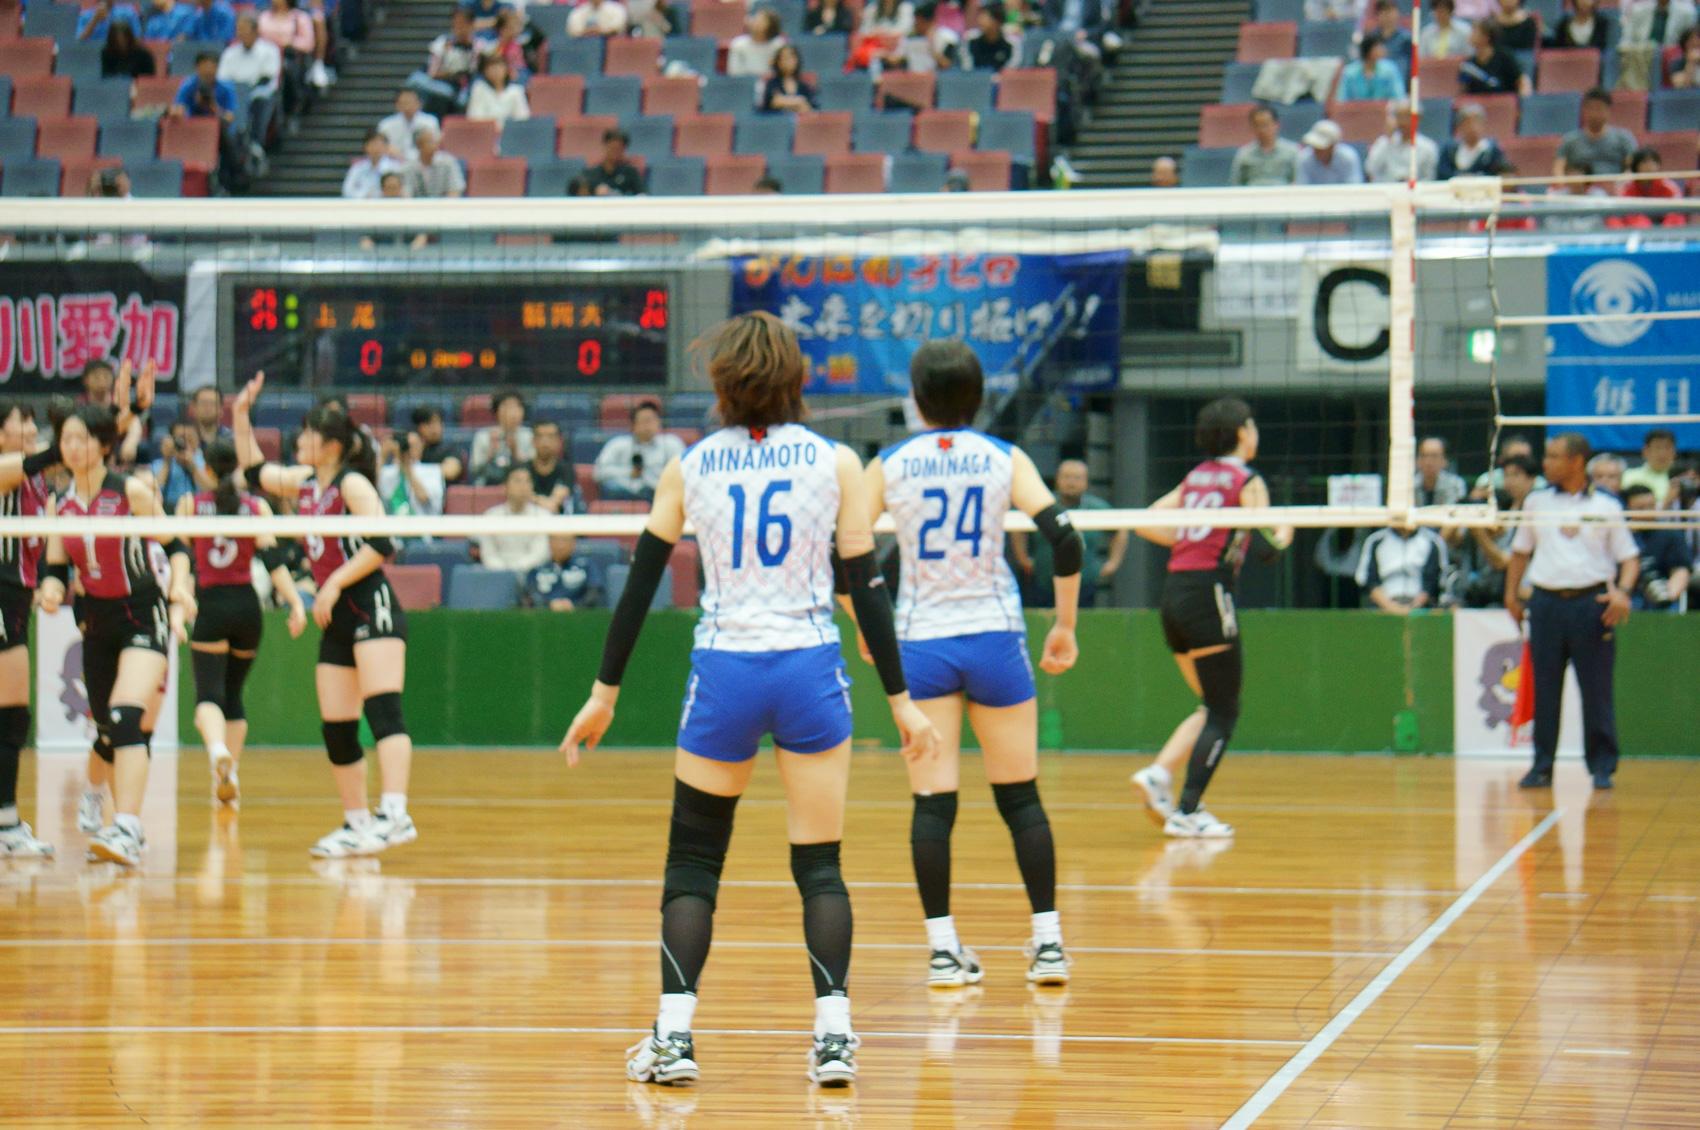 ≪女子バレー≫福岡大学対上尾 5